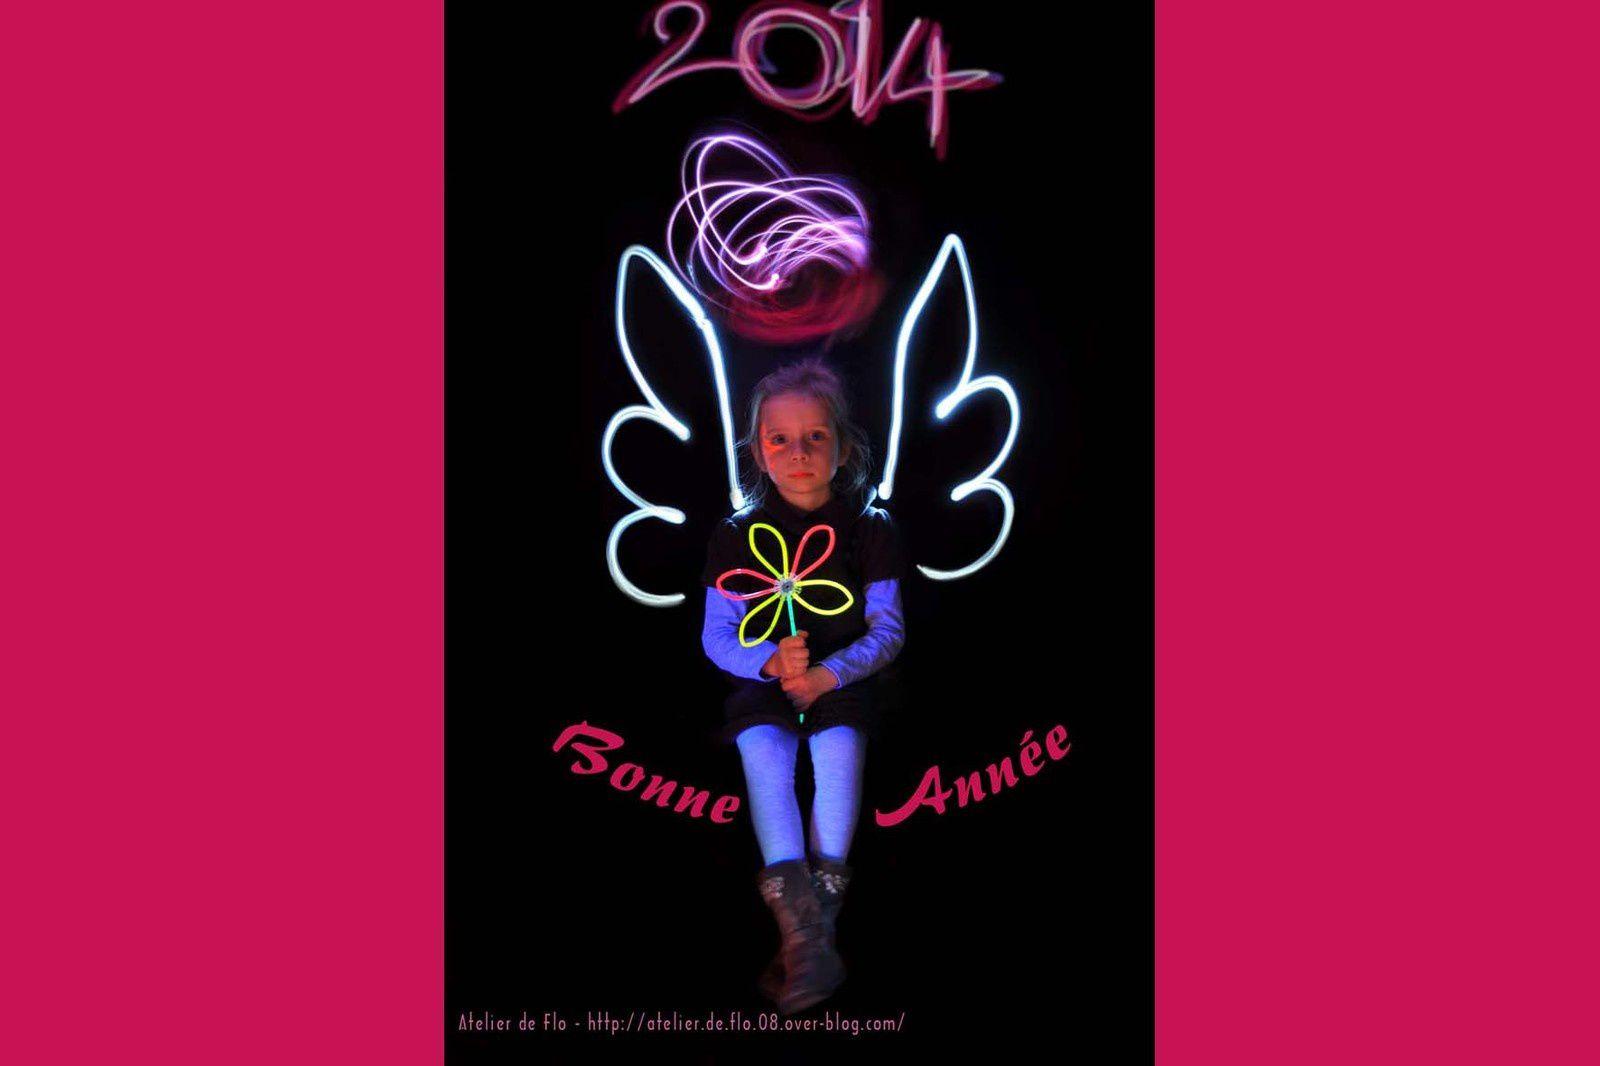 Les peintres de la lumière vous souhaitent une bonne année 2014 !